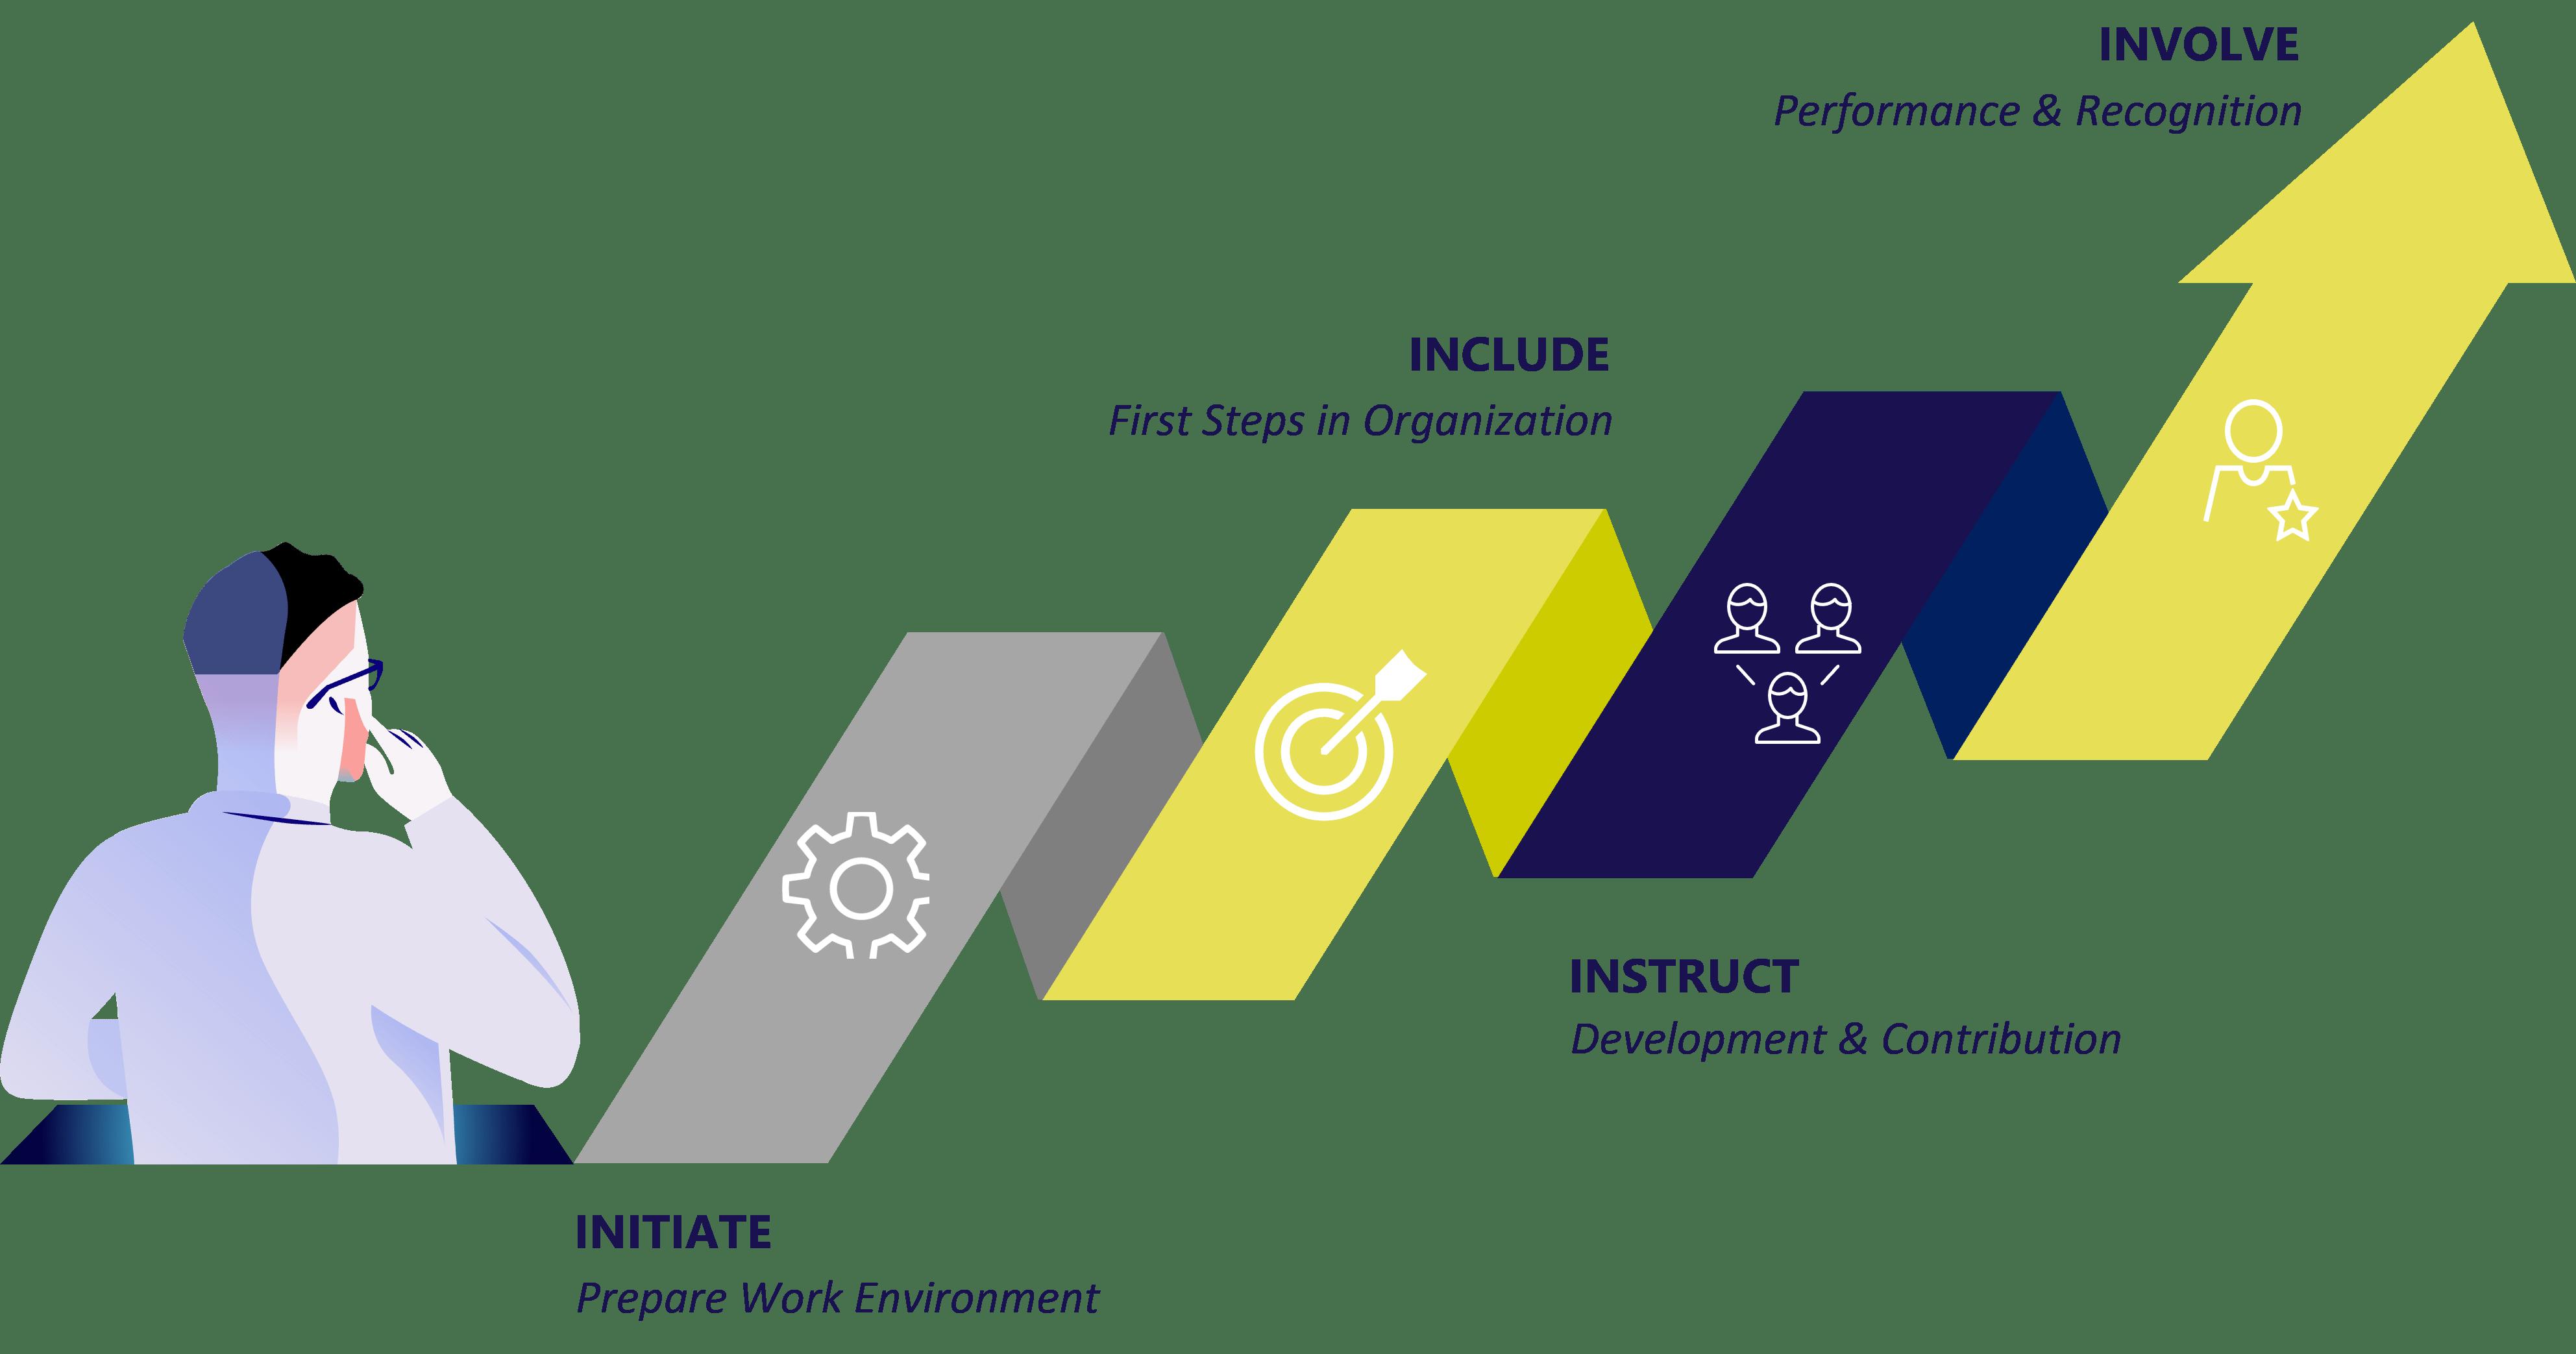 HR Design Consulting Graphic intro